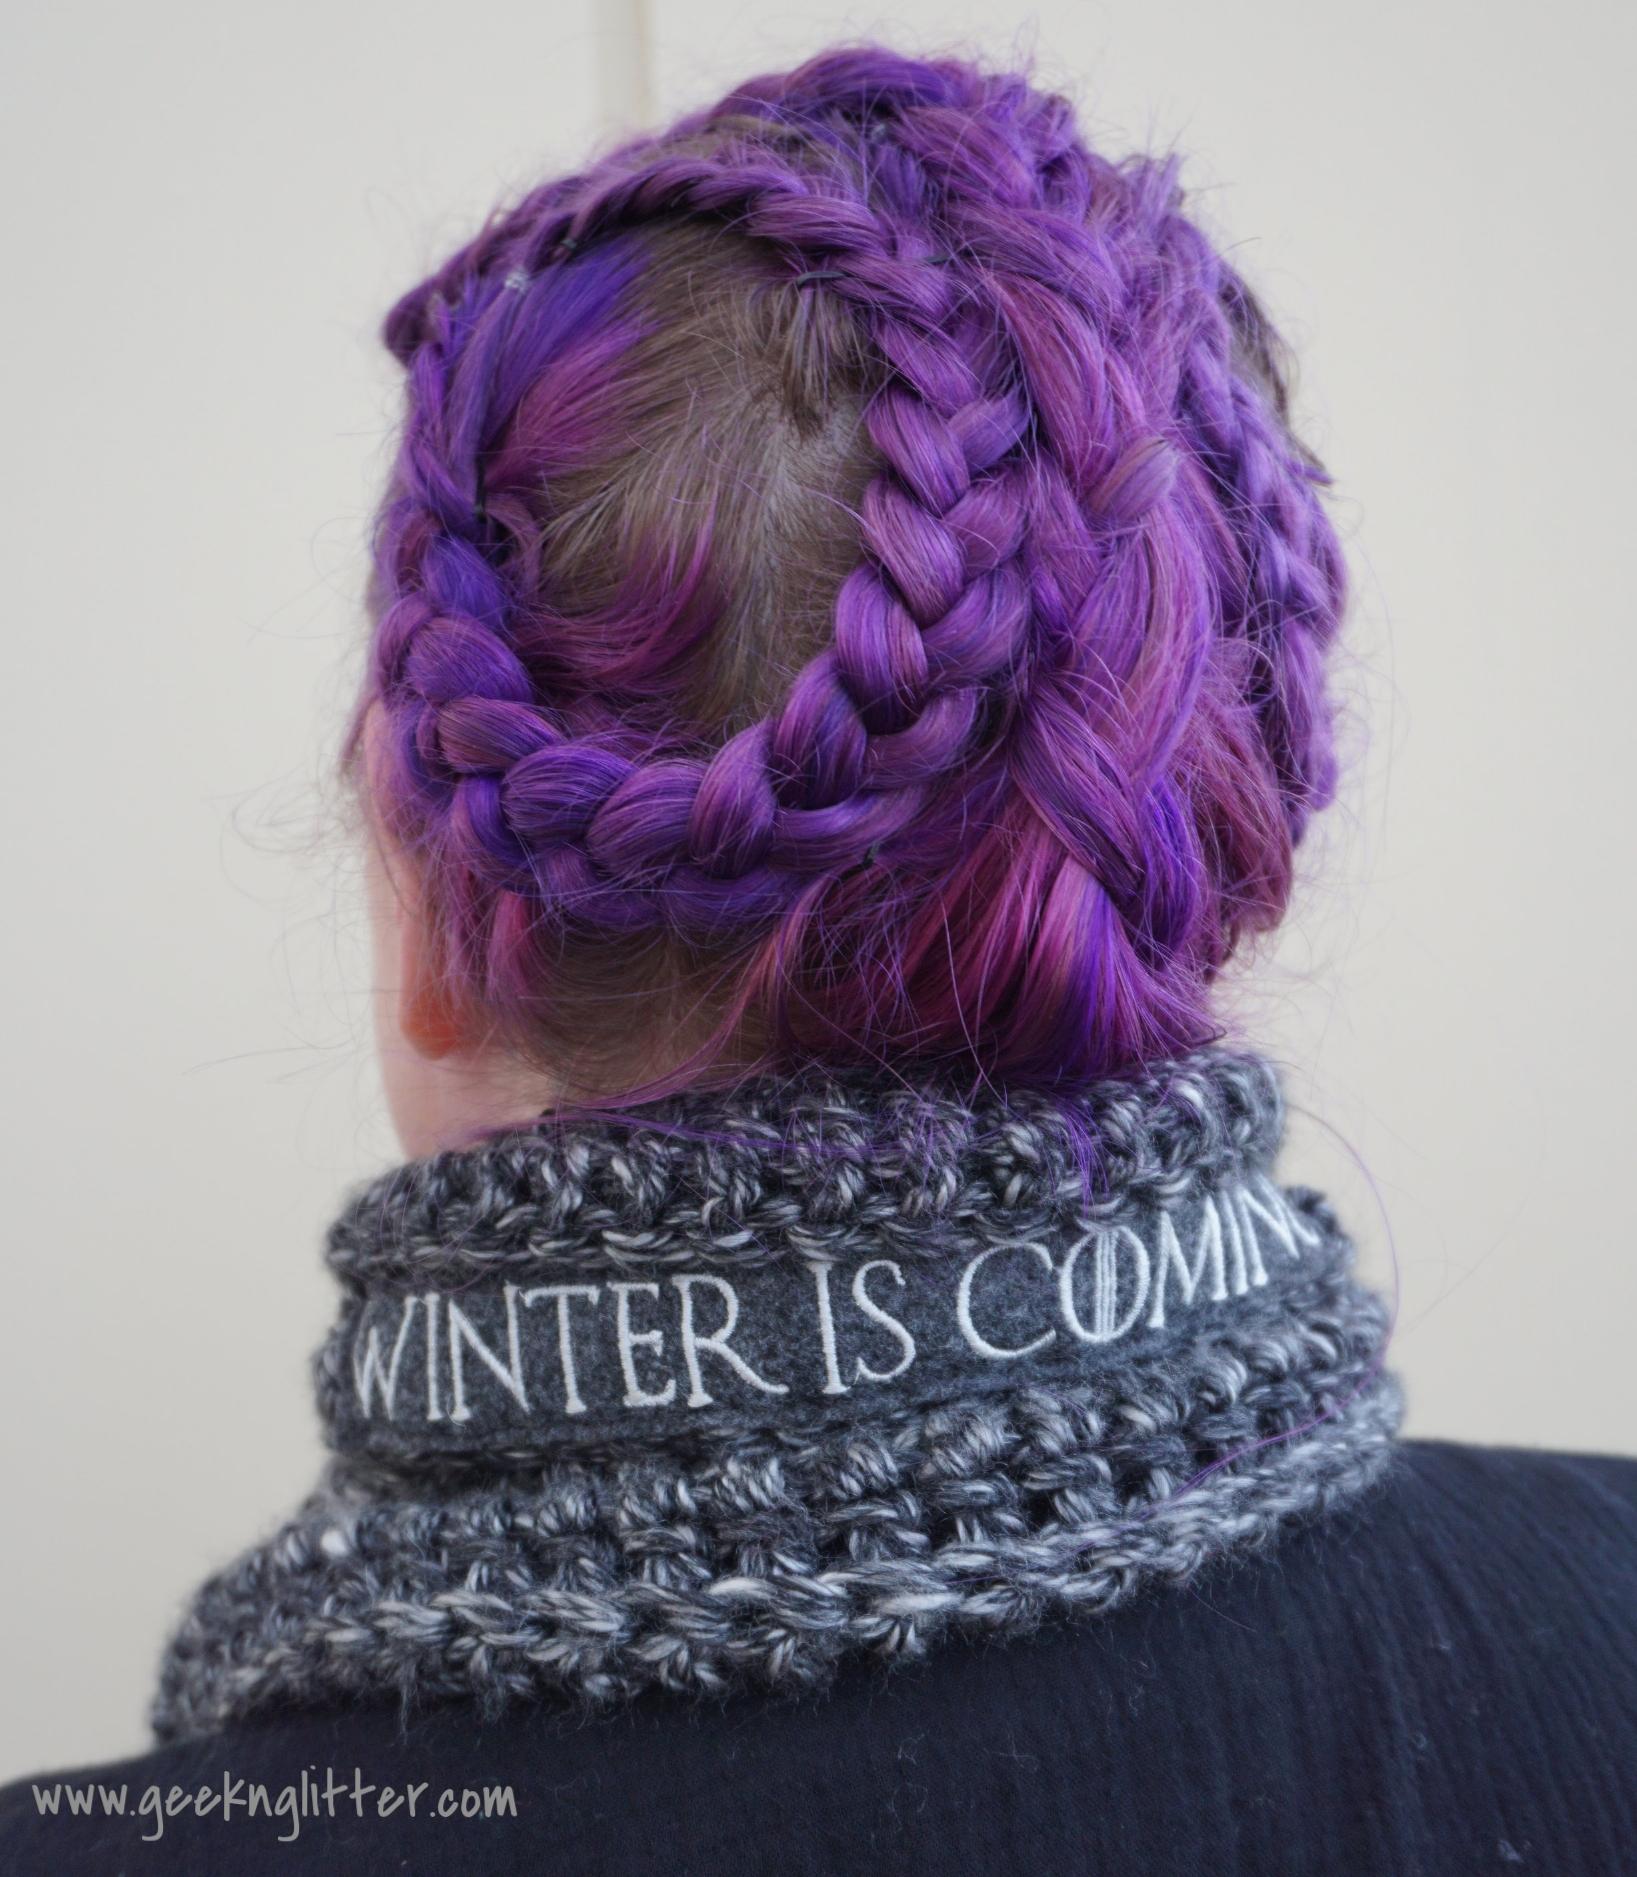 House Stark scarf by Frakkin Frocks